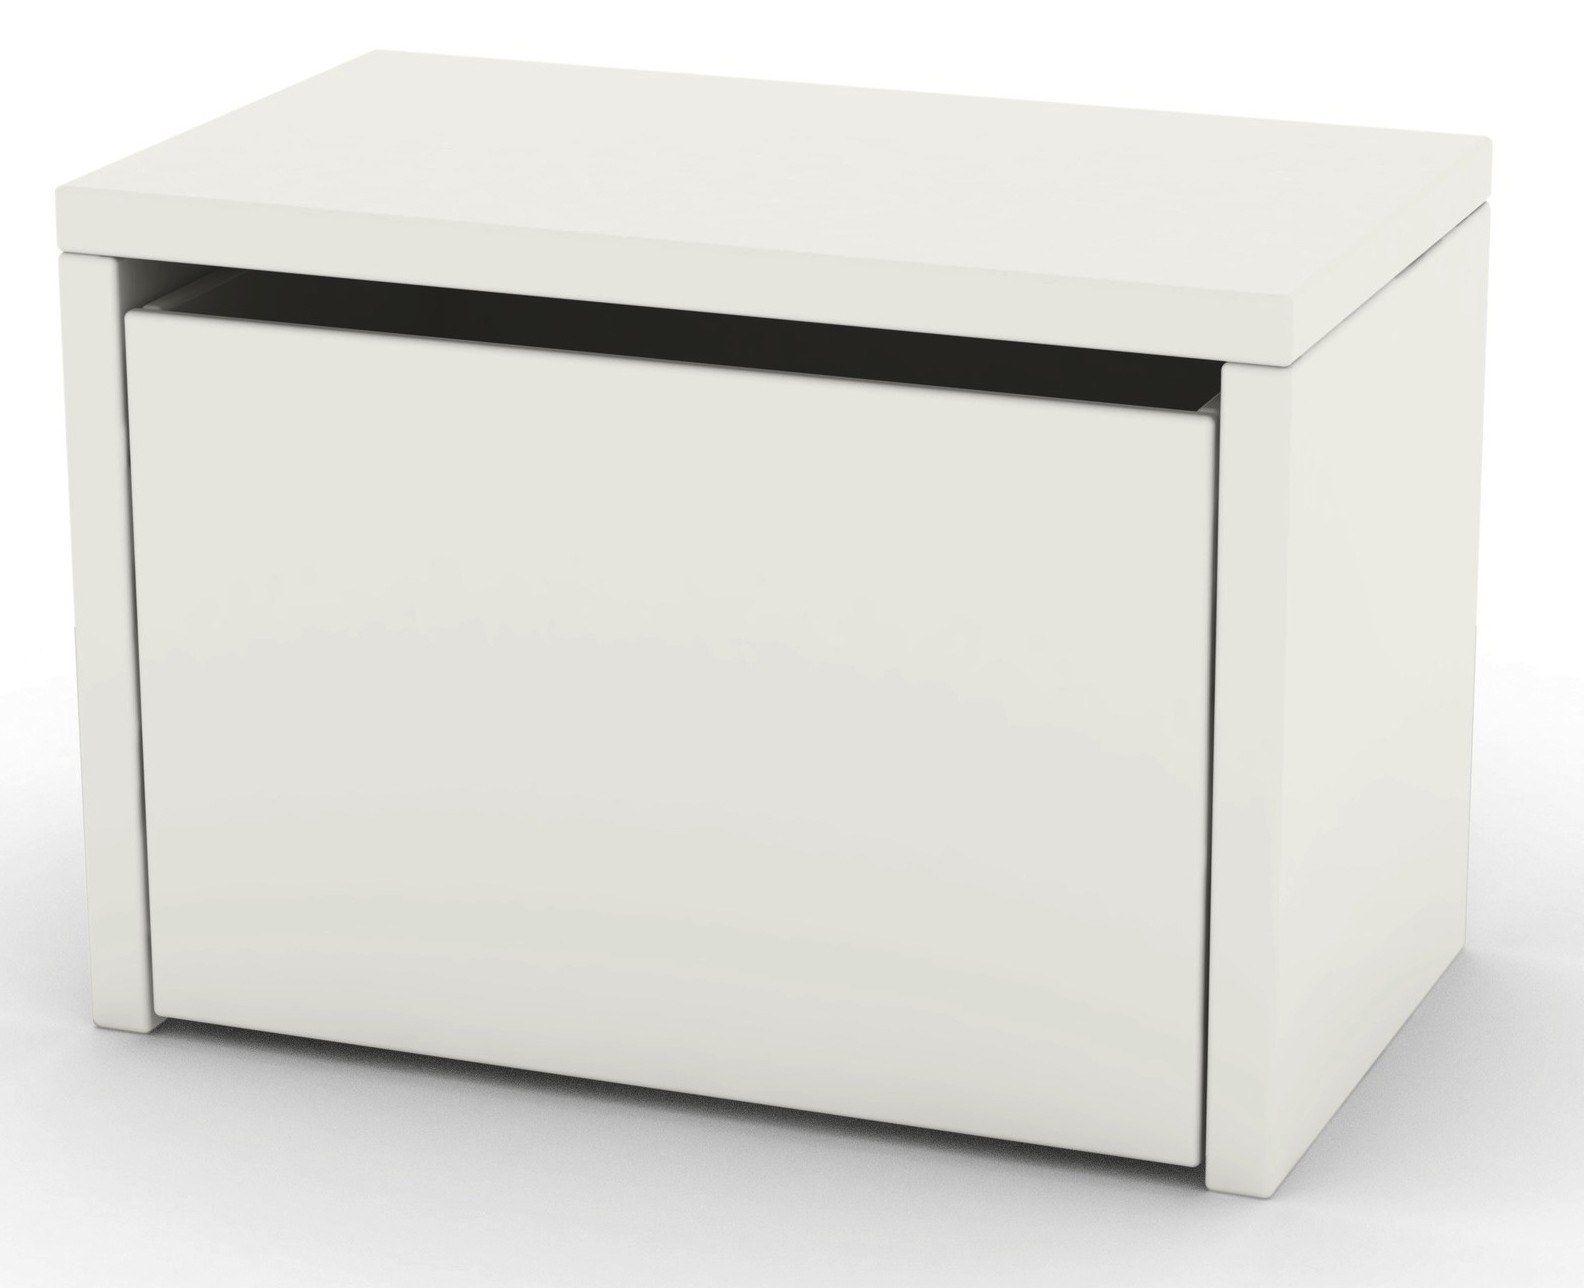 Flexa - Play Bænk - Hvid - Opbevaringsbænk i hvid med 3-i-én ...